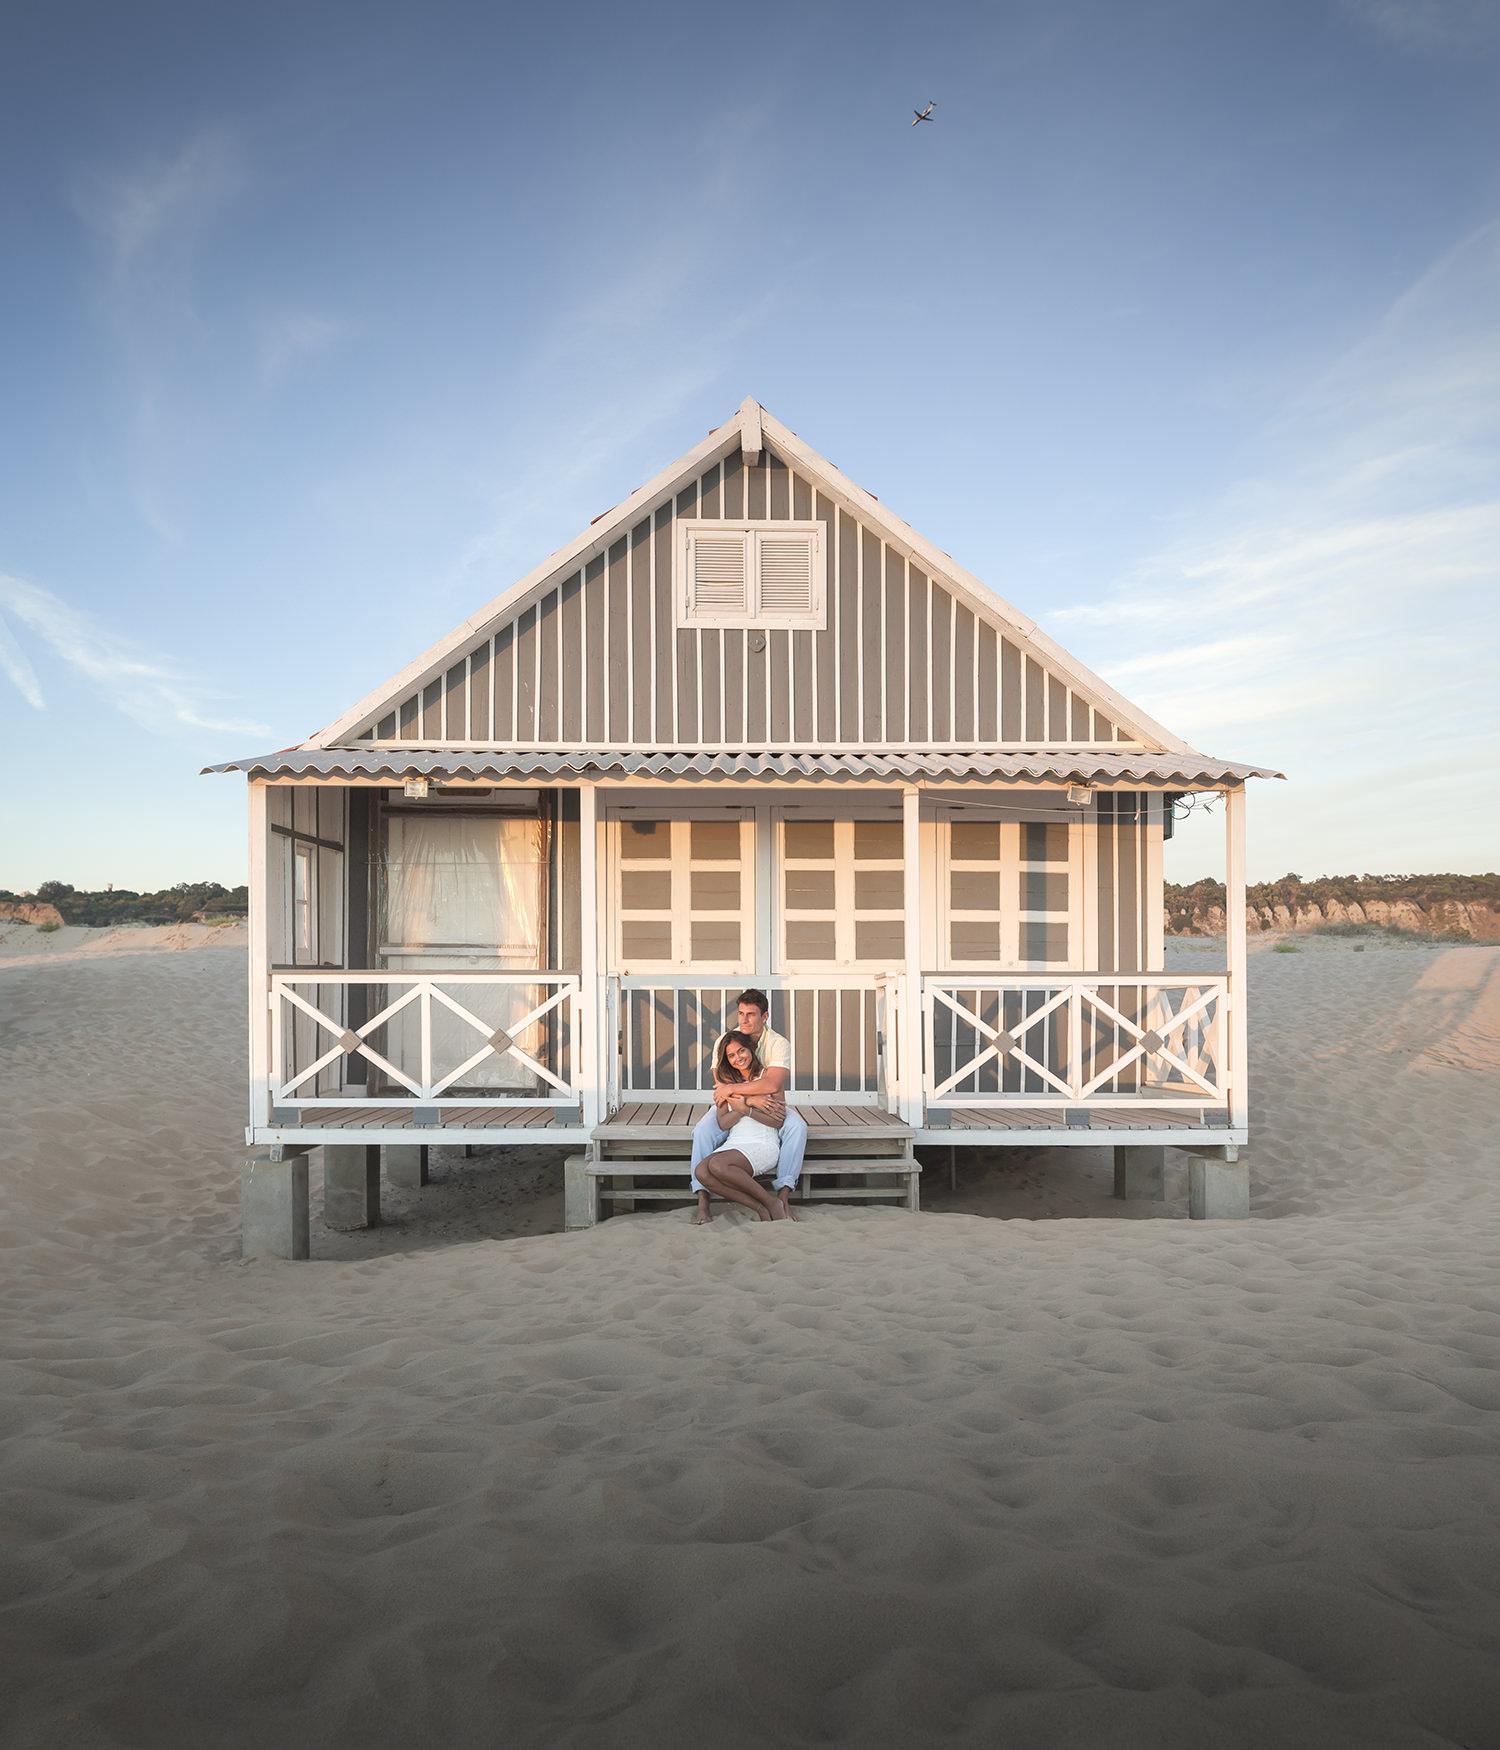 praia-saude-engagement-photographer-terra-fotografia-032.jpg